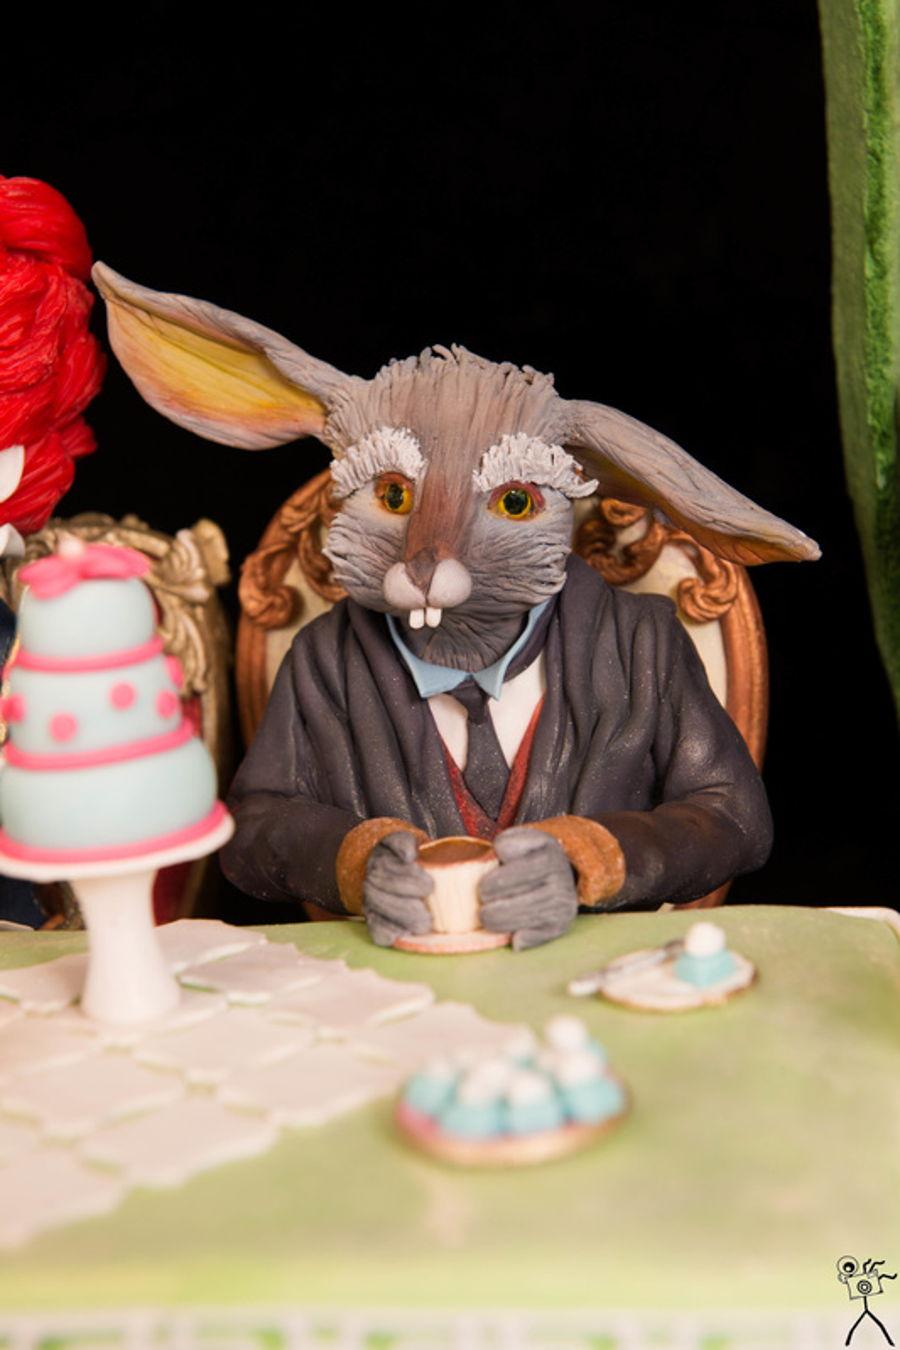 Cake Decorating Sculpting Figures : Sculpted Alice In Wonderland Cake - CakeCentral.com